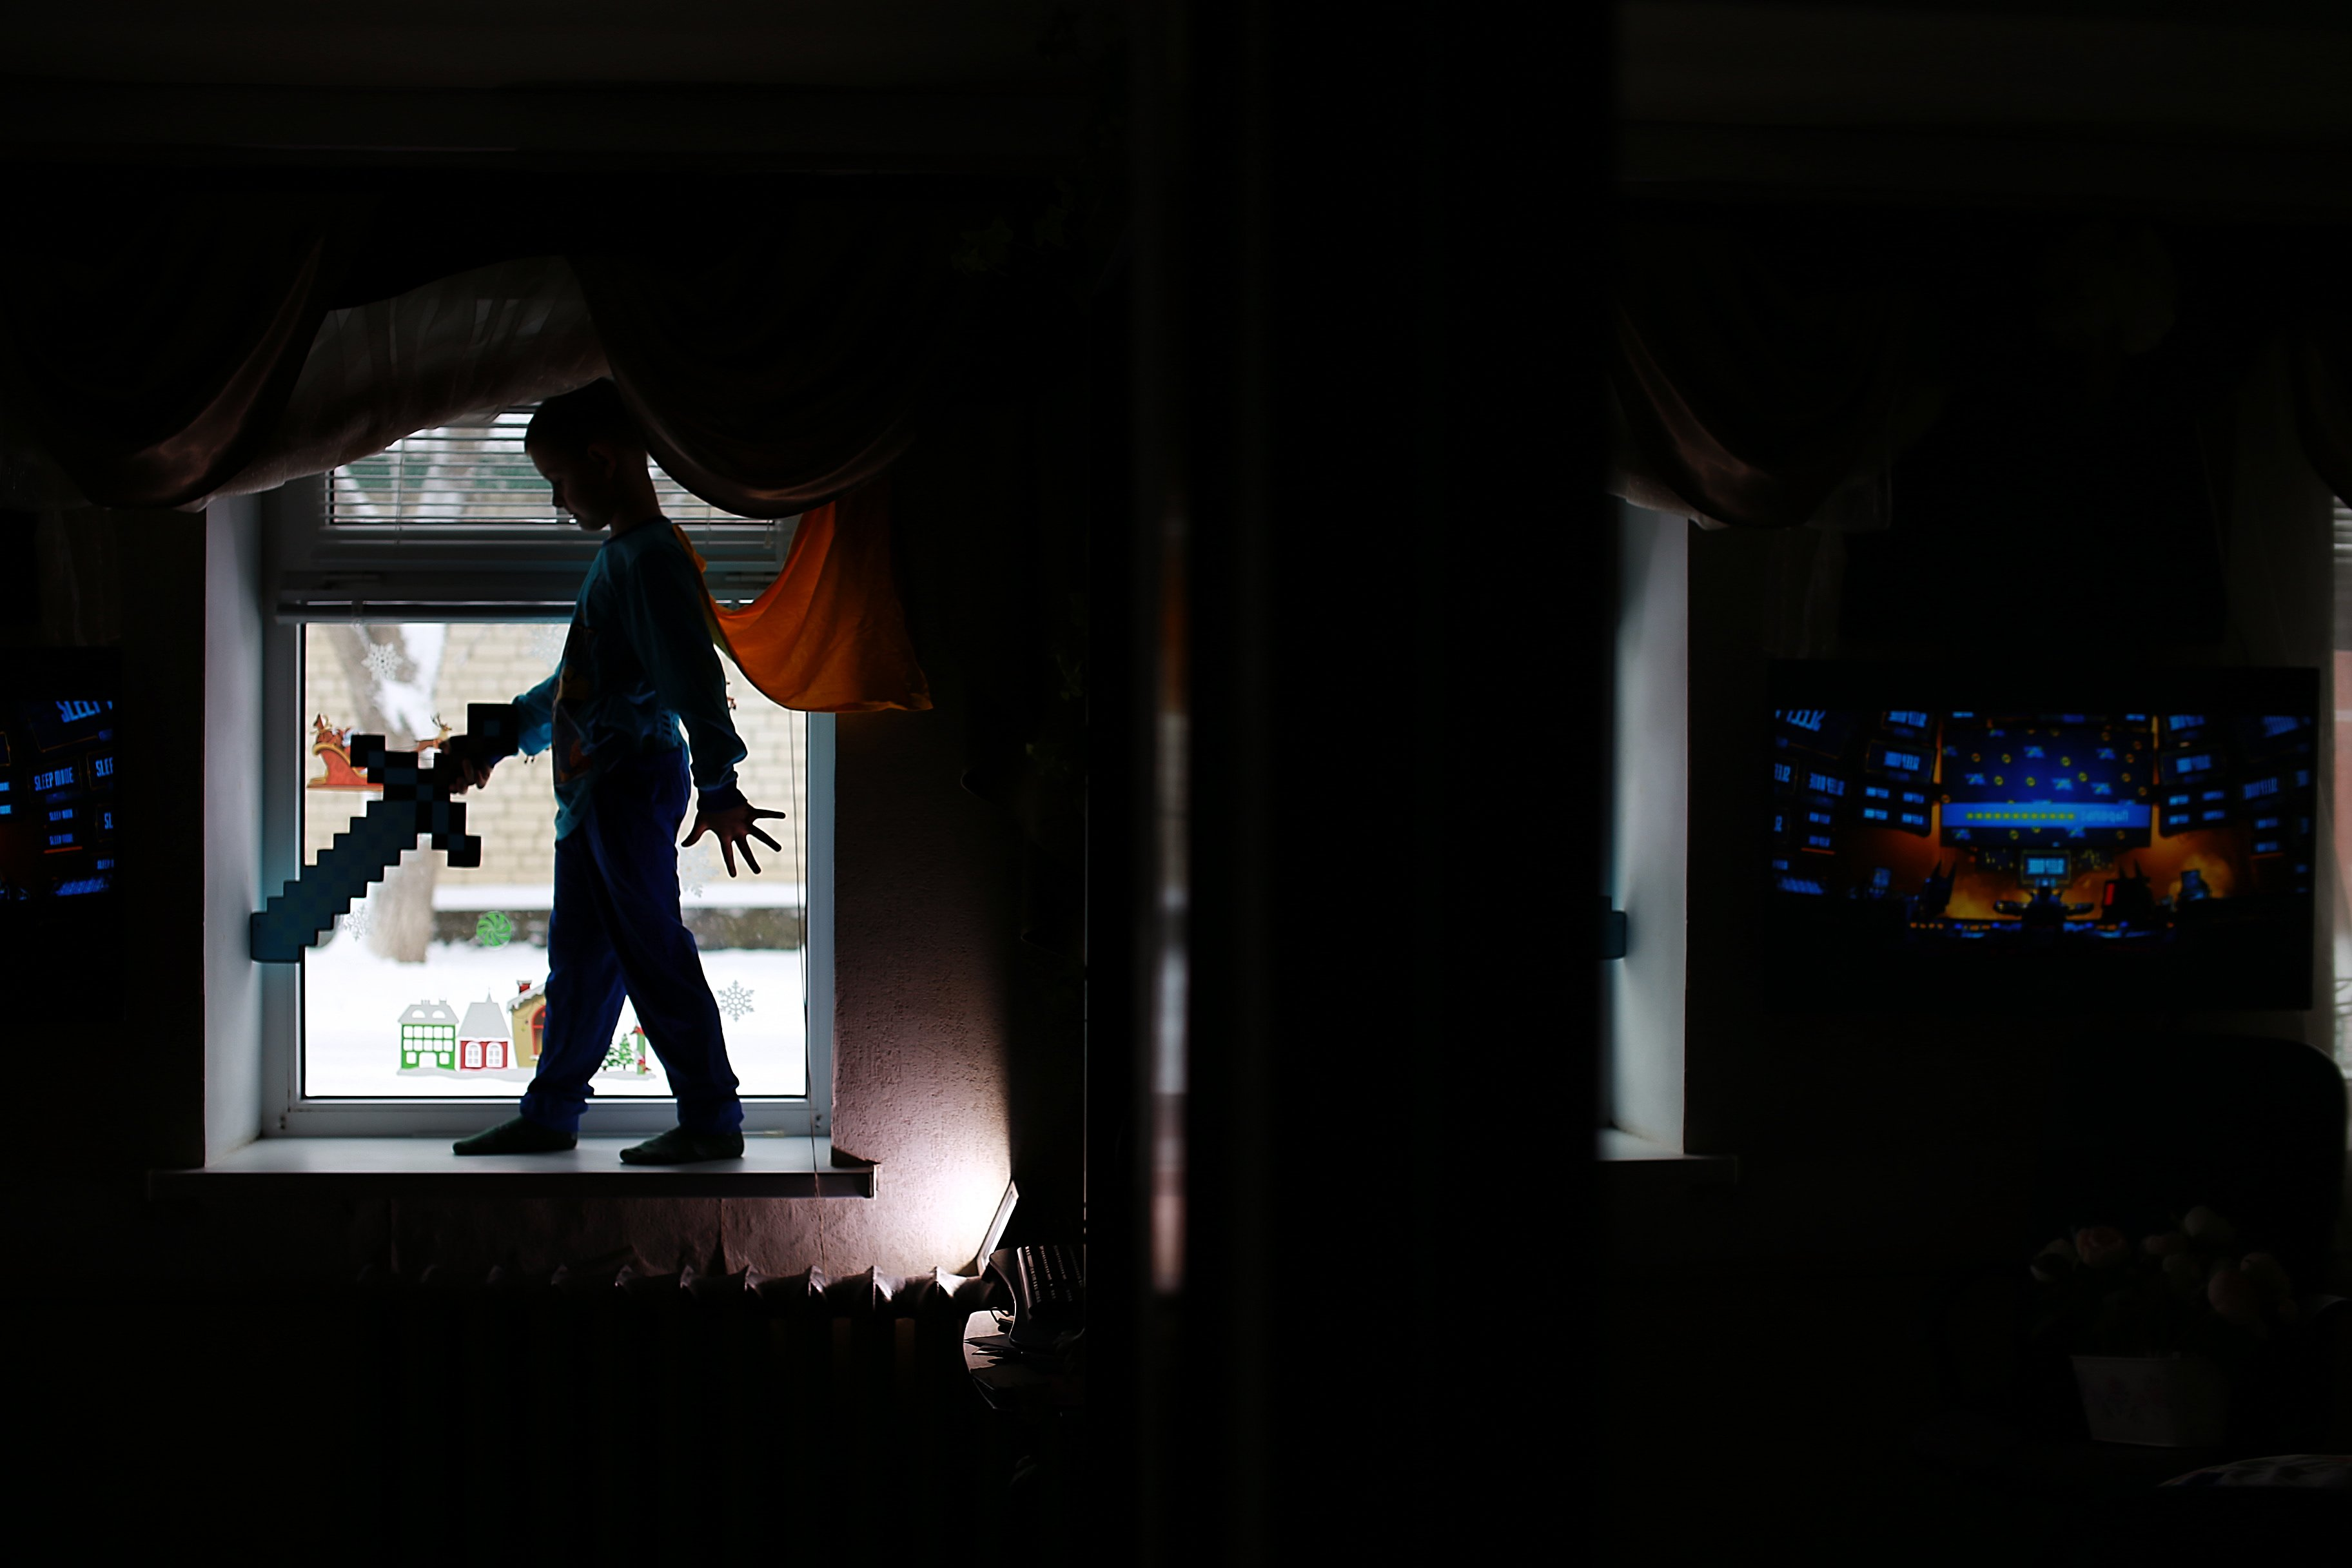 мальчик, контровой свет, детская фотография, Евгения Коригова